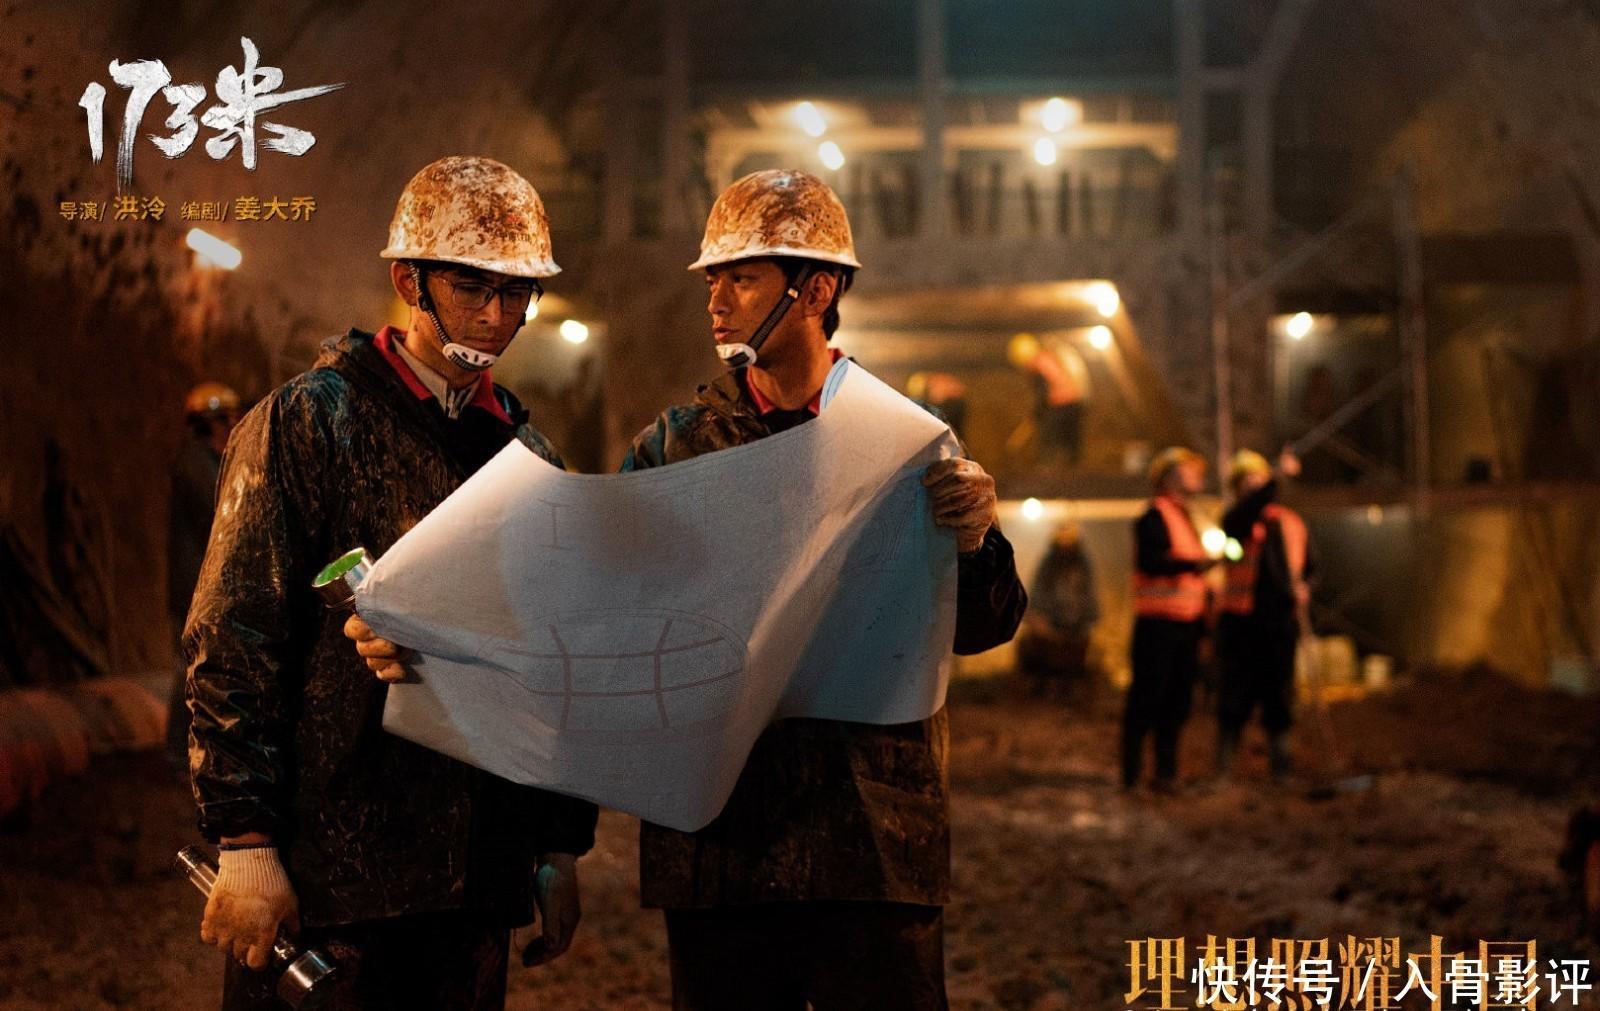 《理想照耀中國》:簡短的故事蘊含巨大能量,吾輩當自強